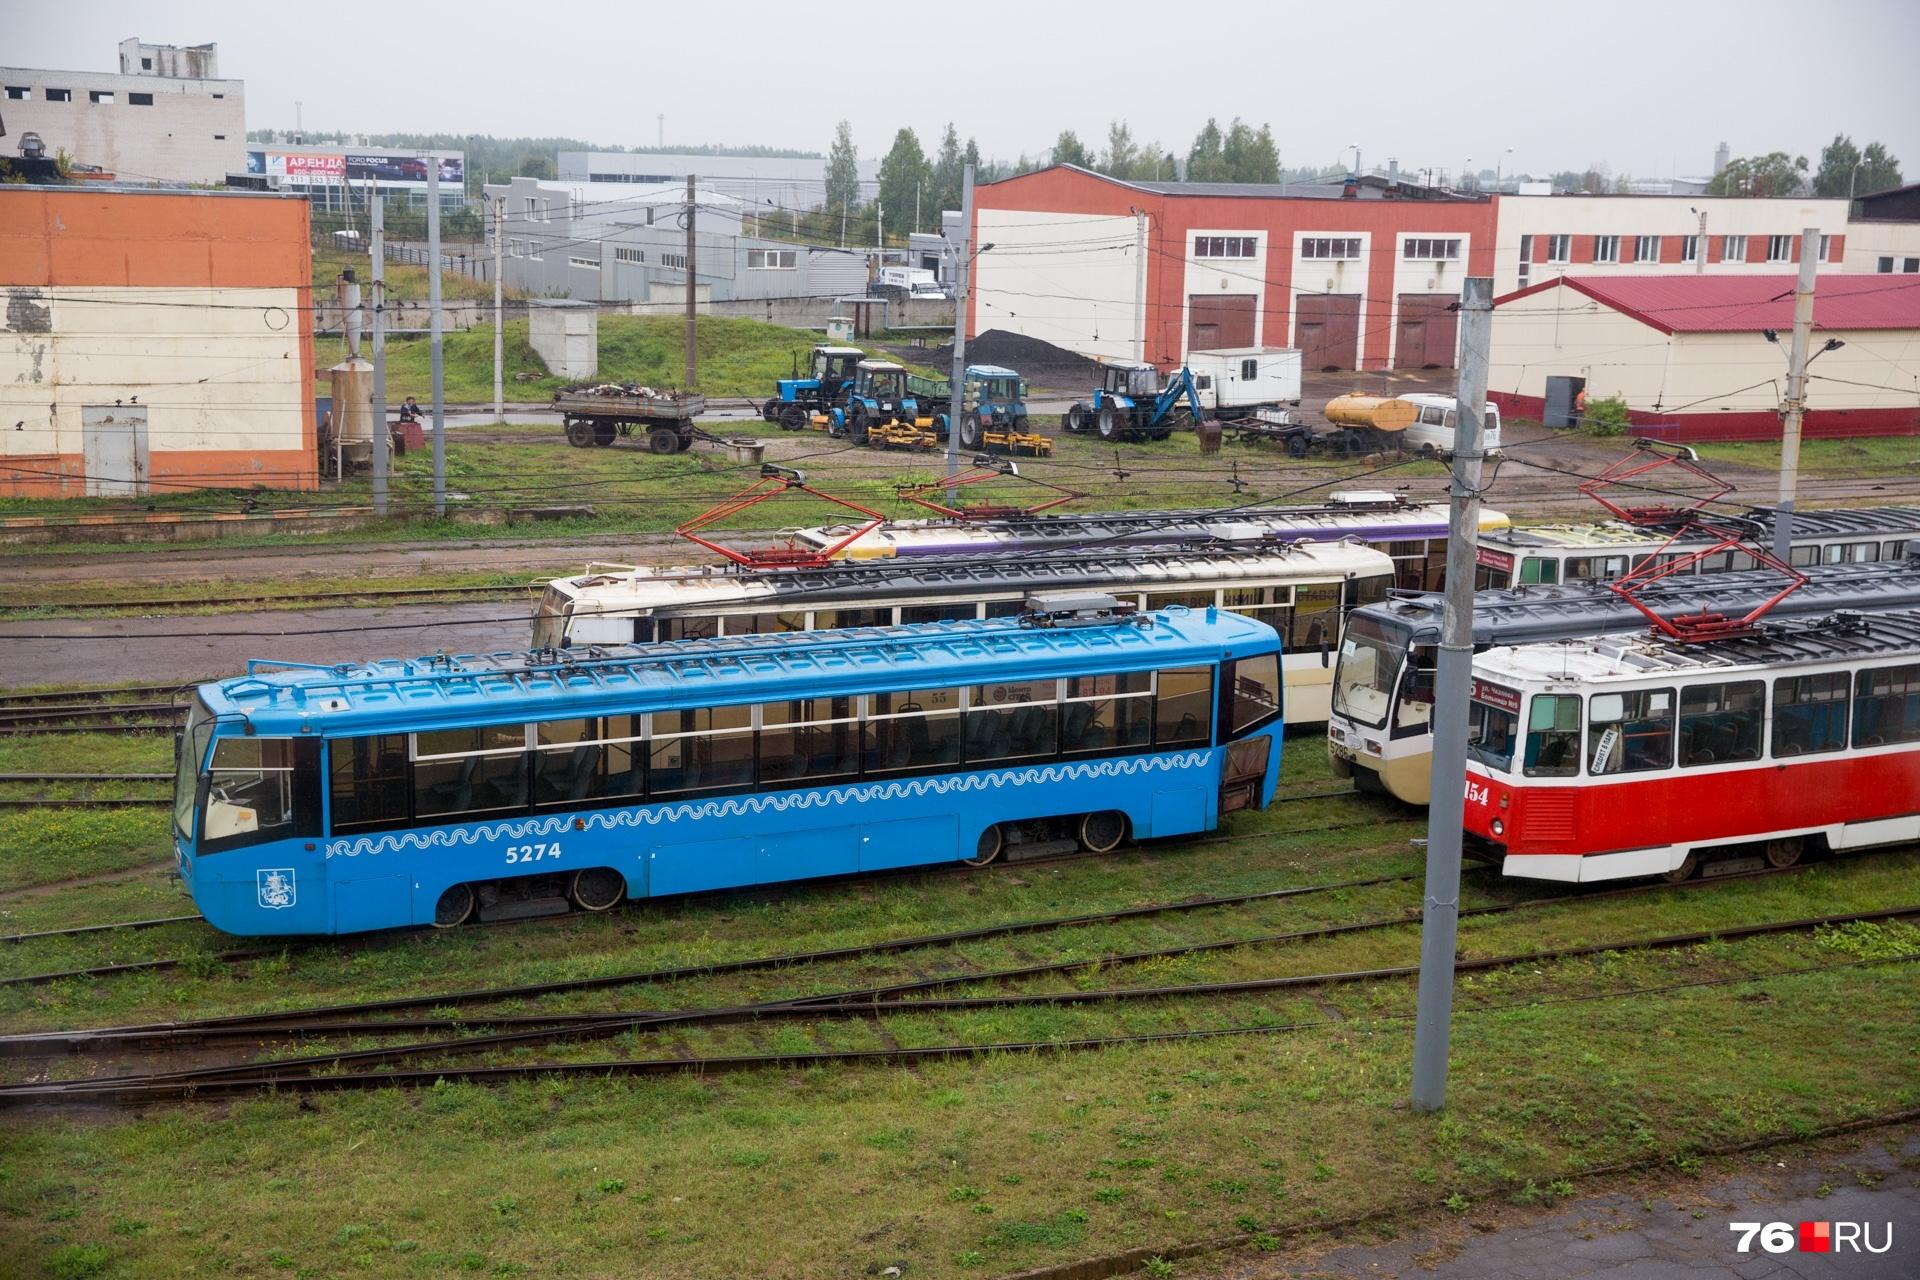 Пока депо № 4 не может принимать троллейбусы — нужна серьёзная реконструкция